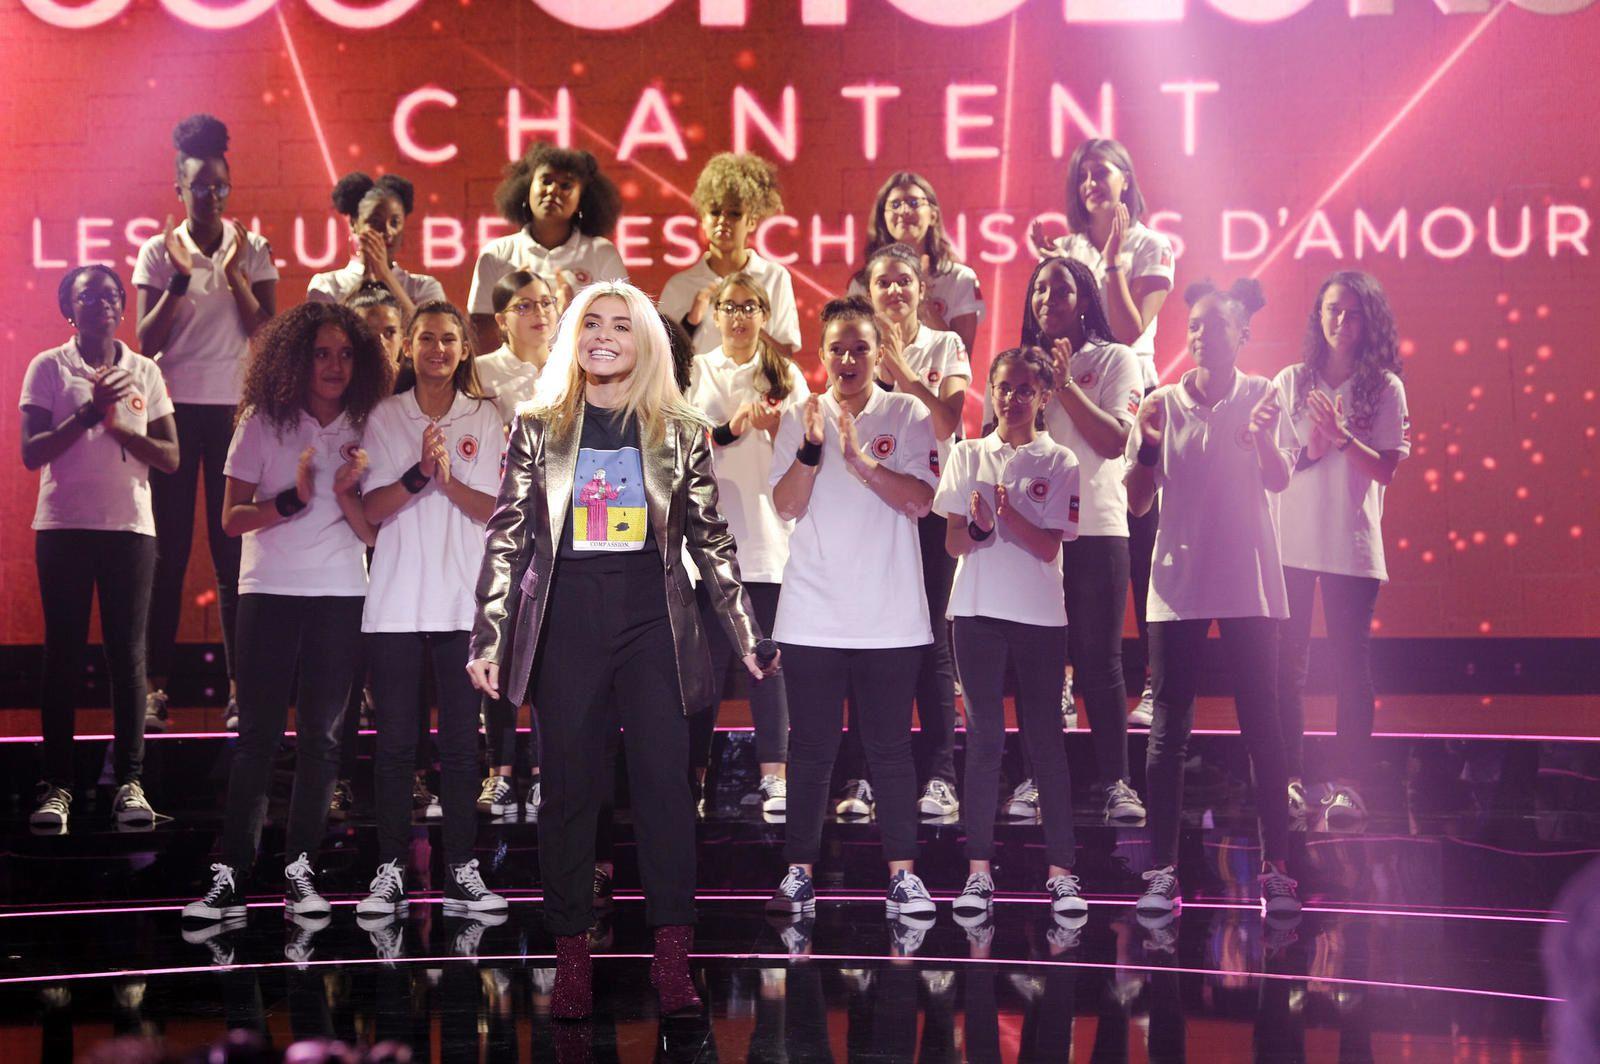 300 choeurs ce vendredi sur France 3, avec Vincent Niclo, Julie Zenatti, Lara Fabian...